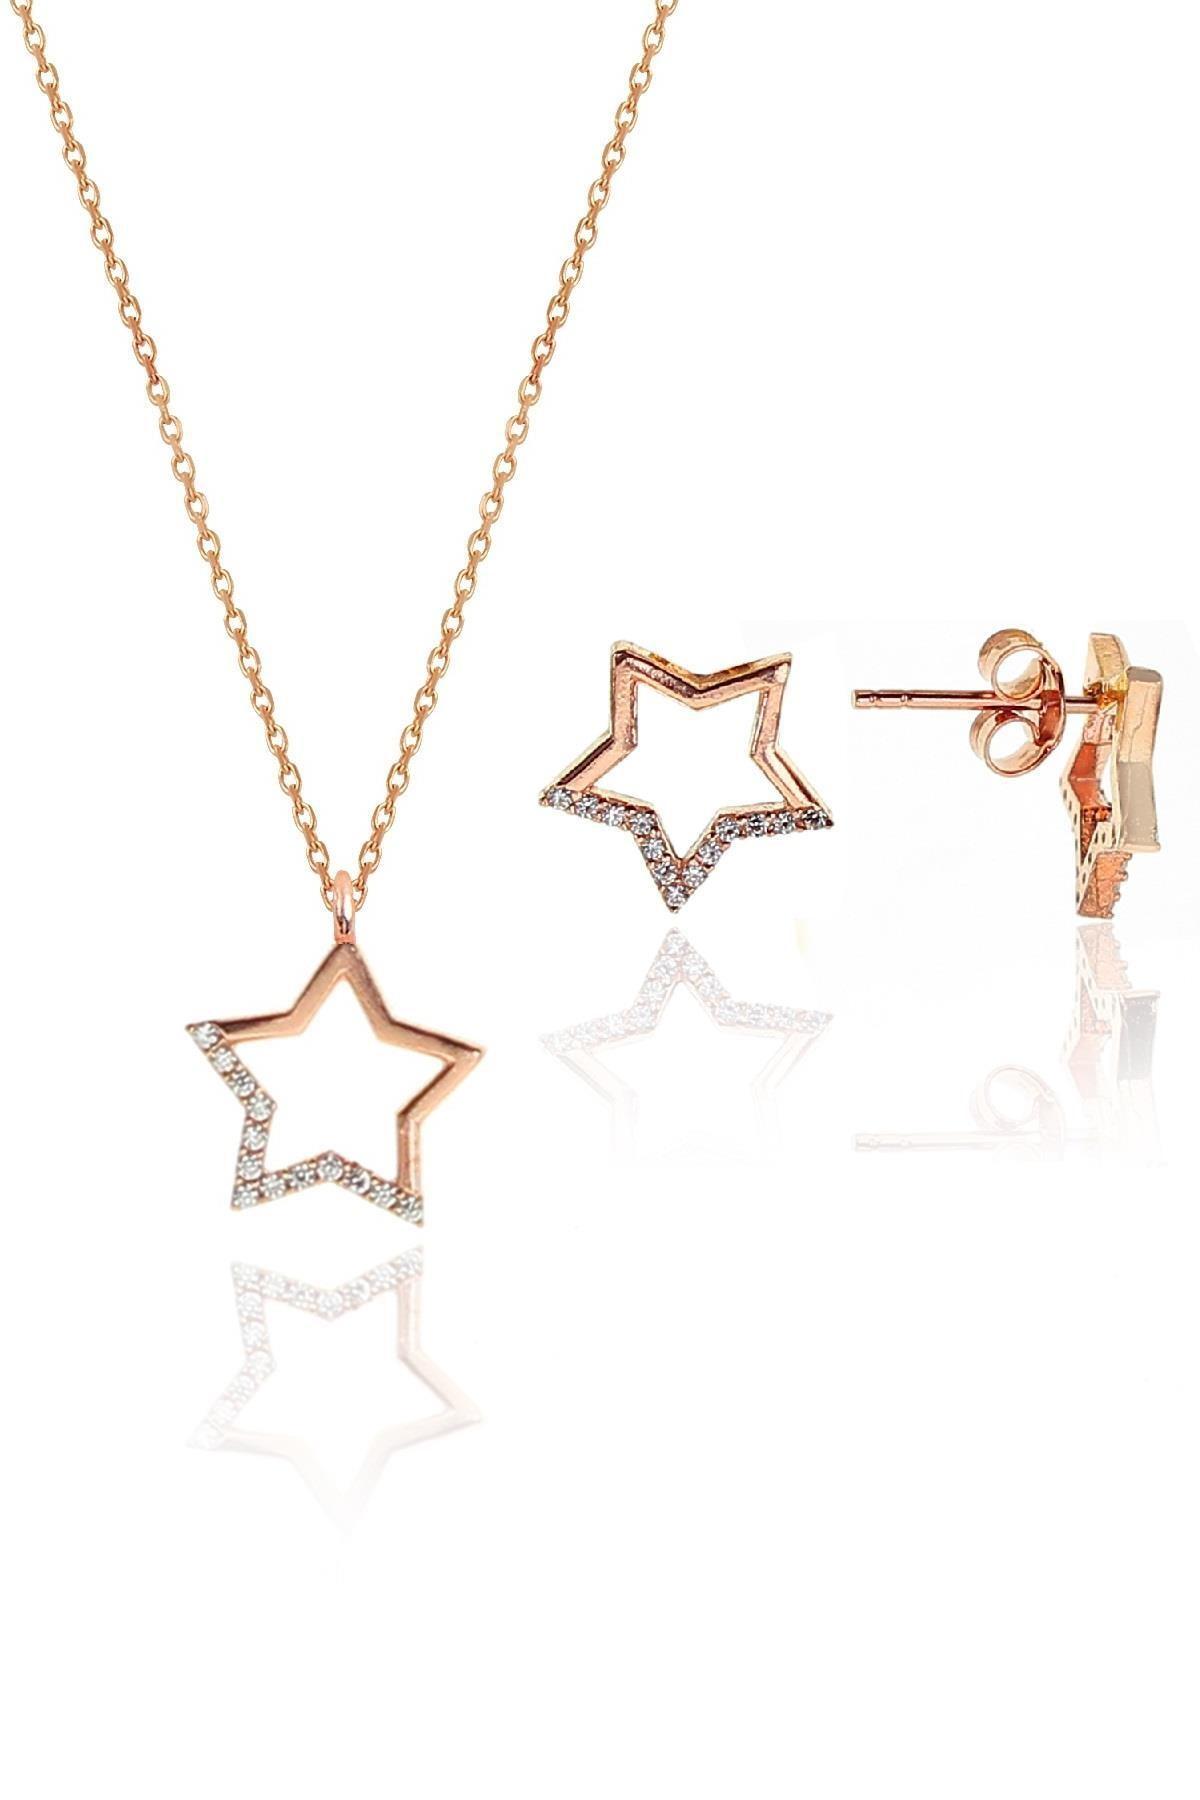 Söğütlü Silver Gümüş rose zirkon taşlı yıldız kolye ve küpe gümüş ikili set 0